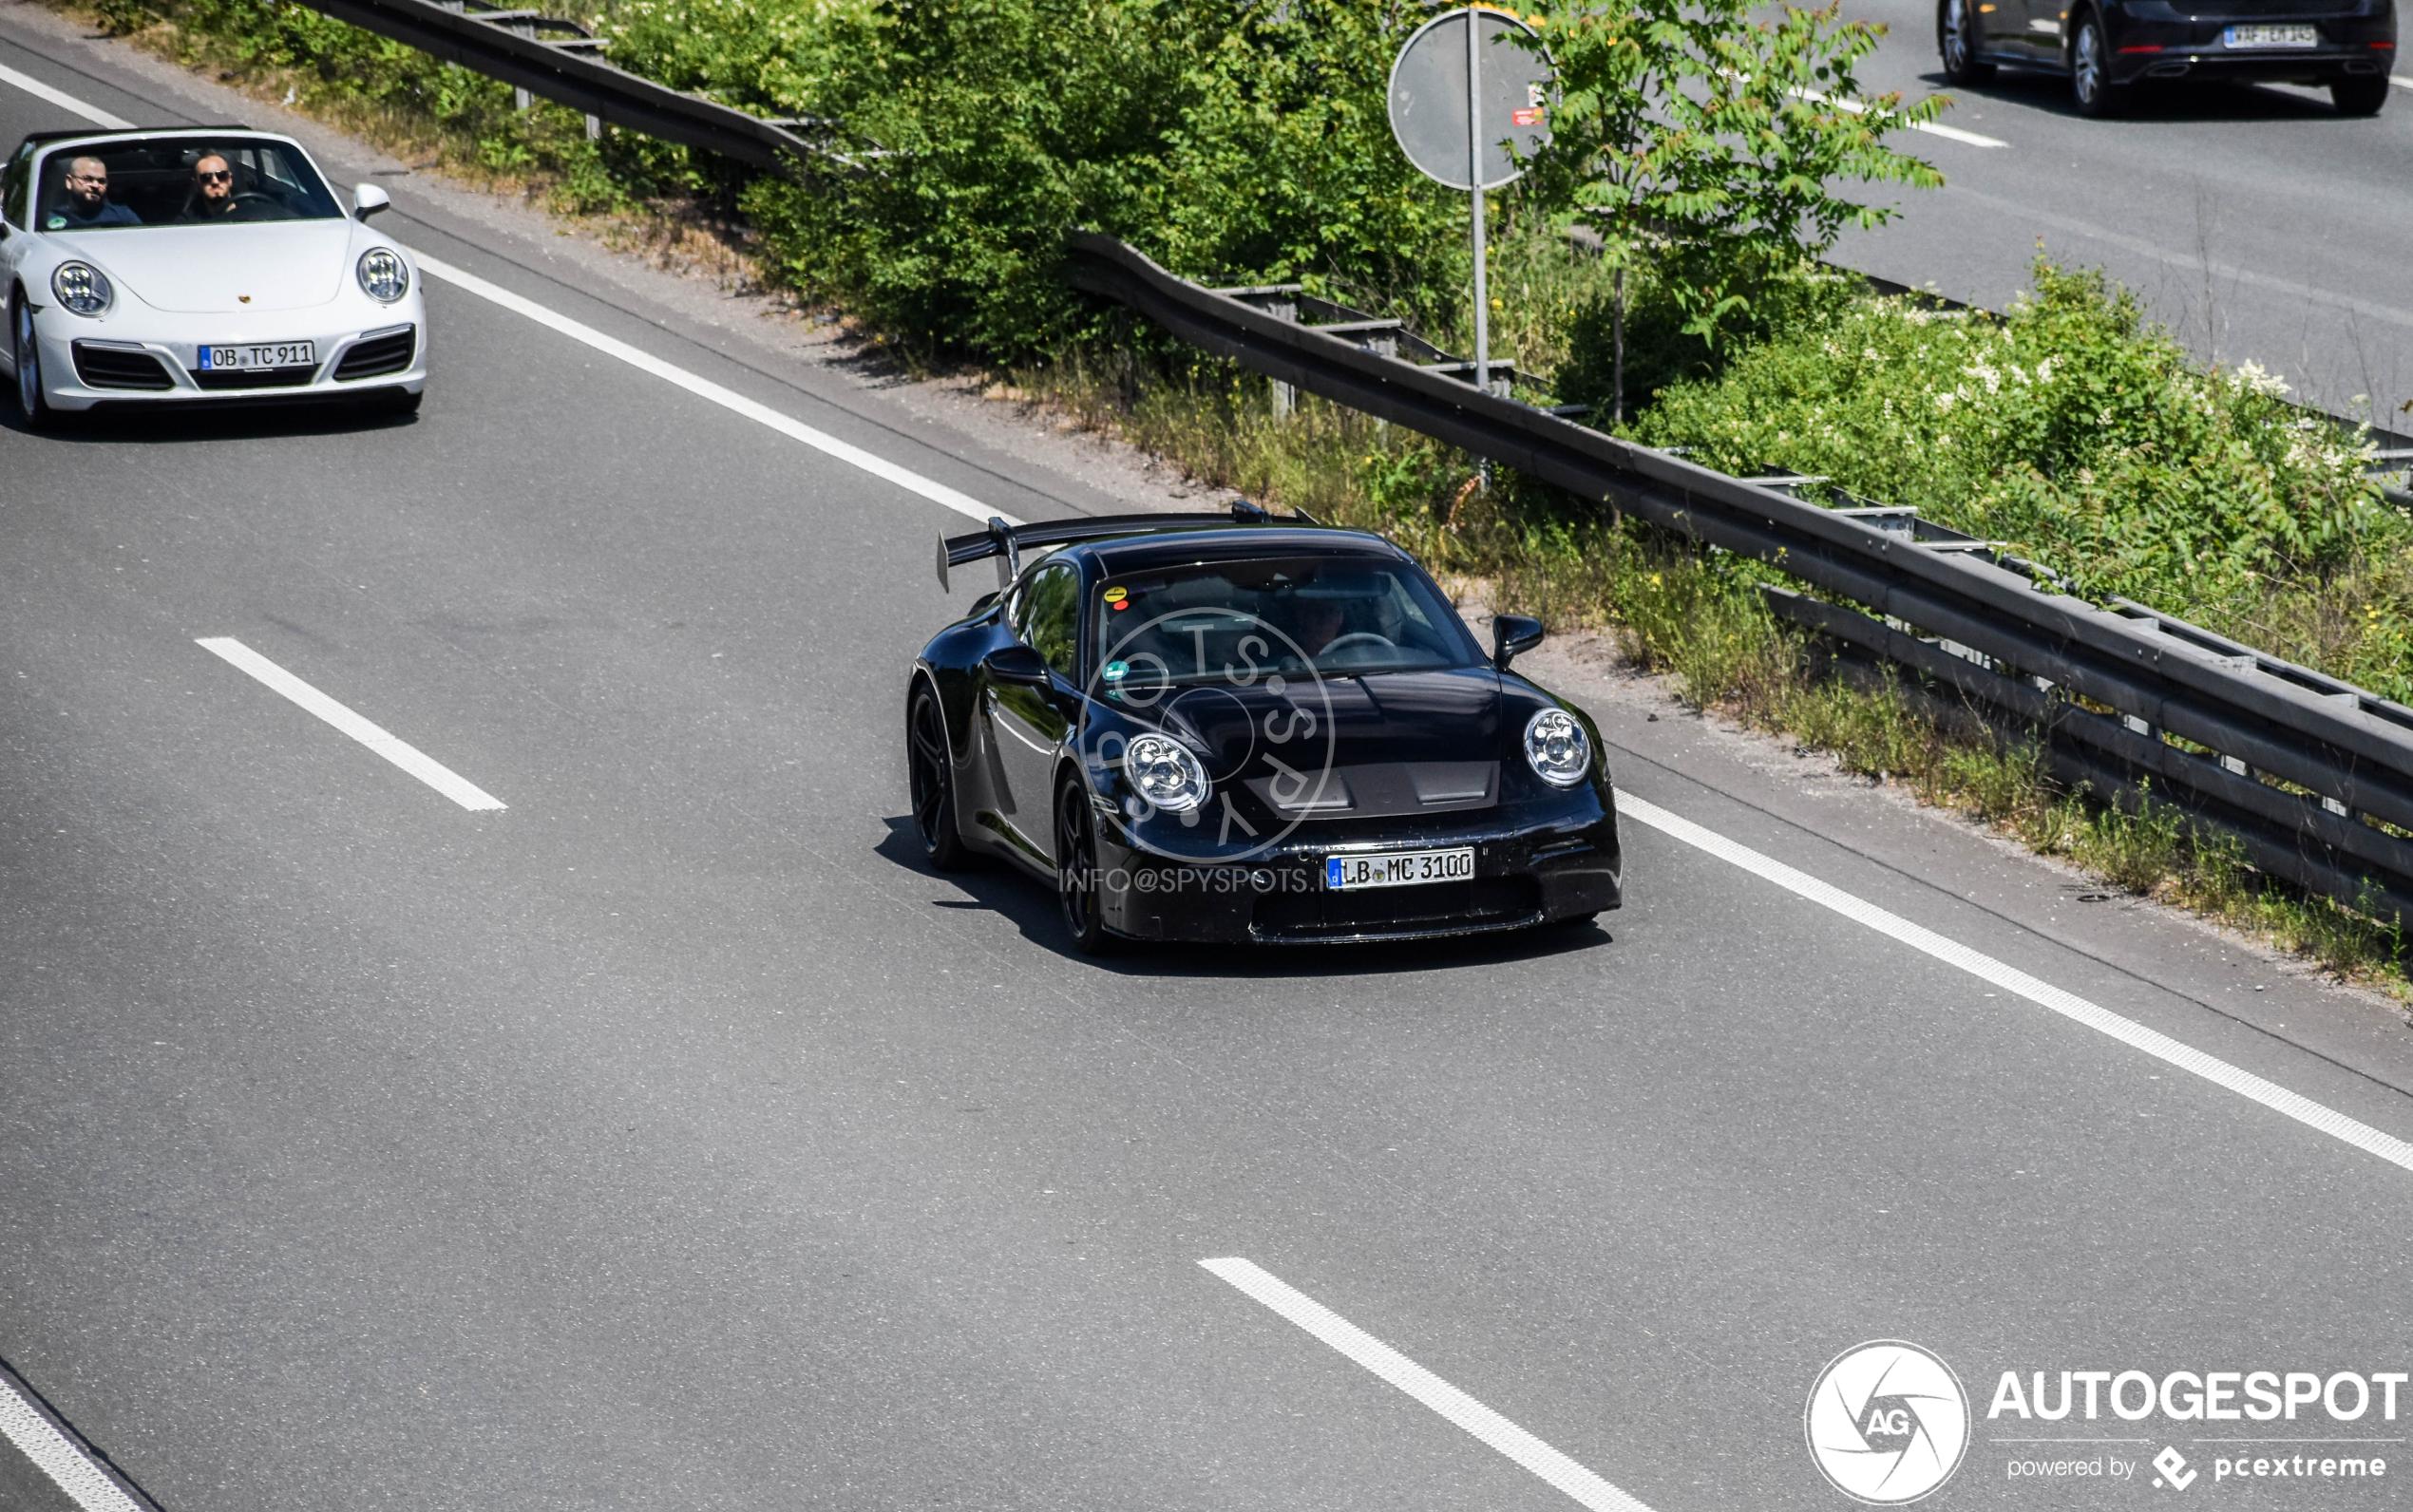 2019 Porsche 911 (992) 7